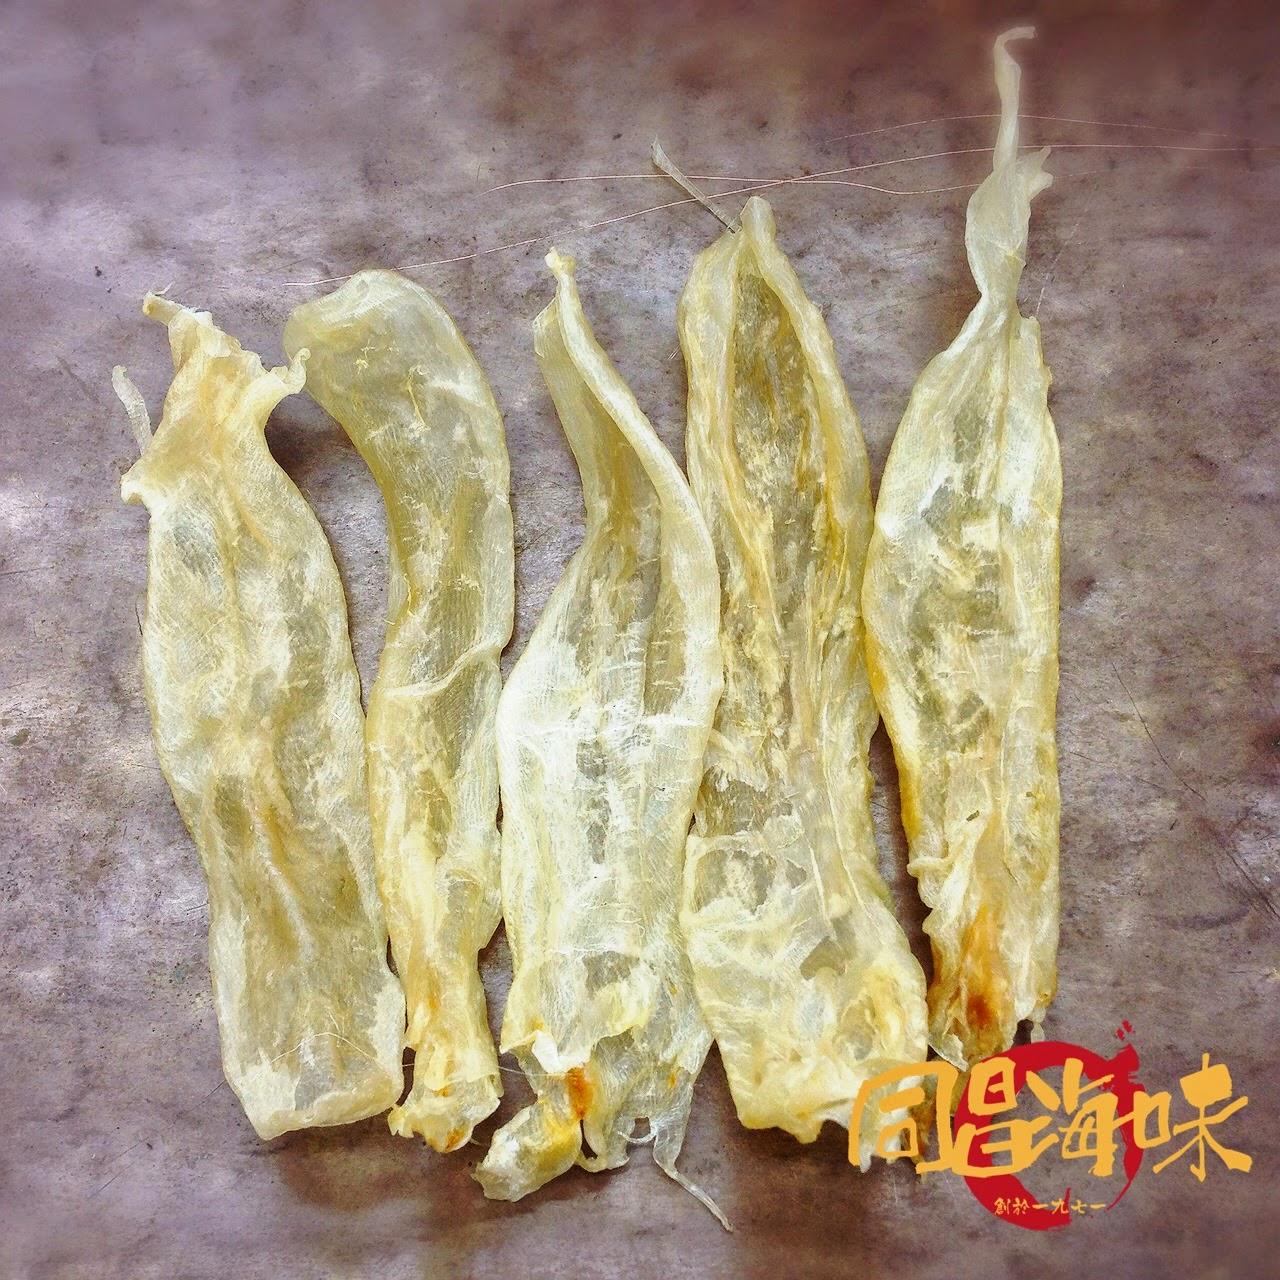 同昌海味: 【花膠燉湯材料配搭篇 上】